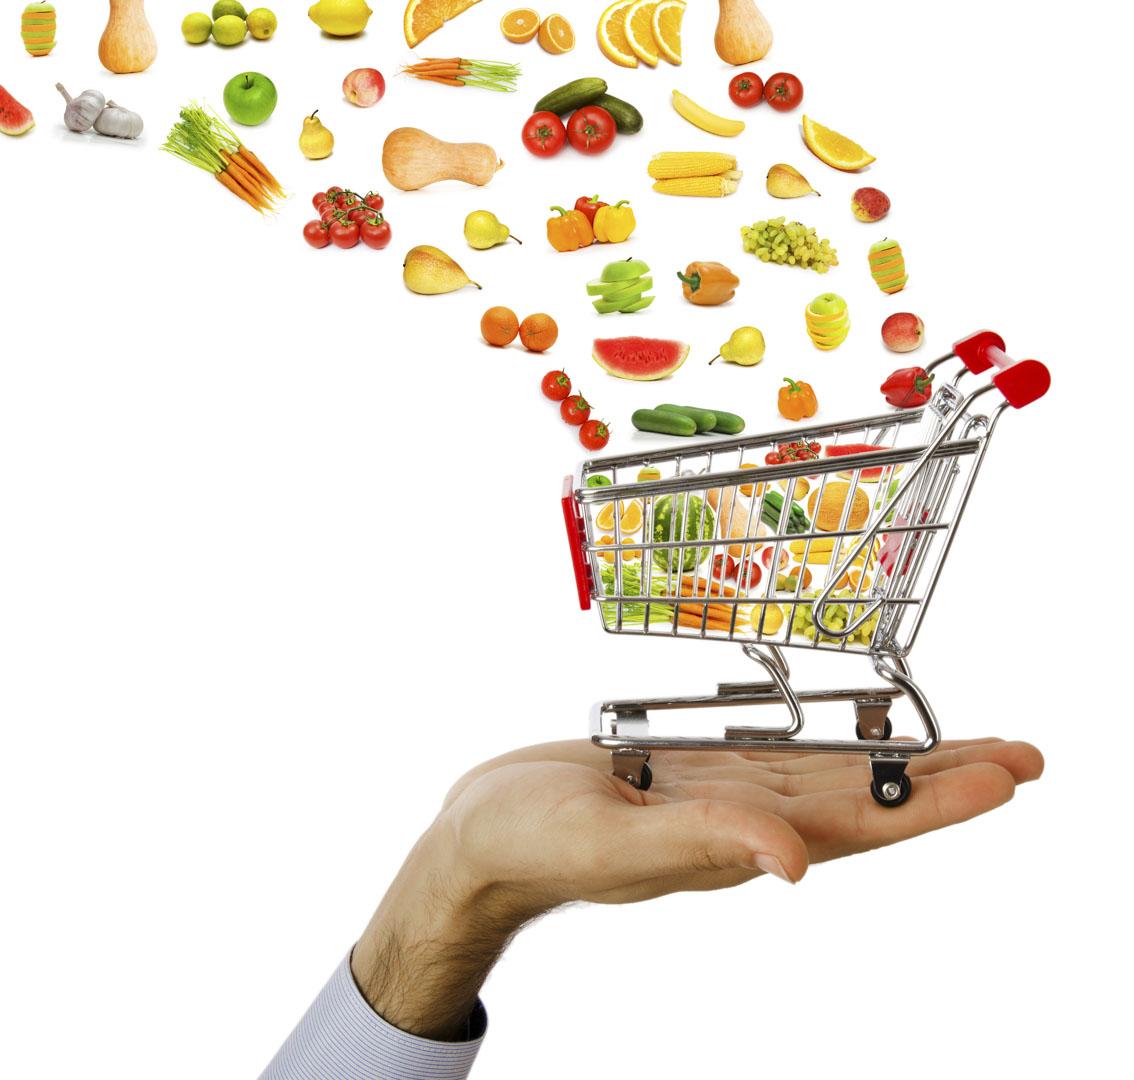 Skriv under för rättvisa matpriser i EU!